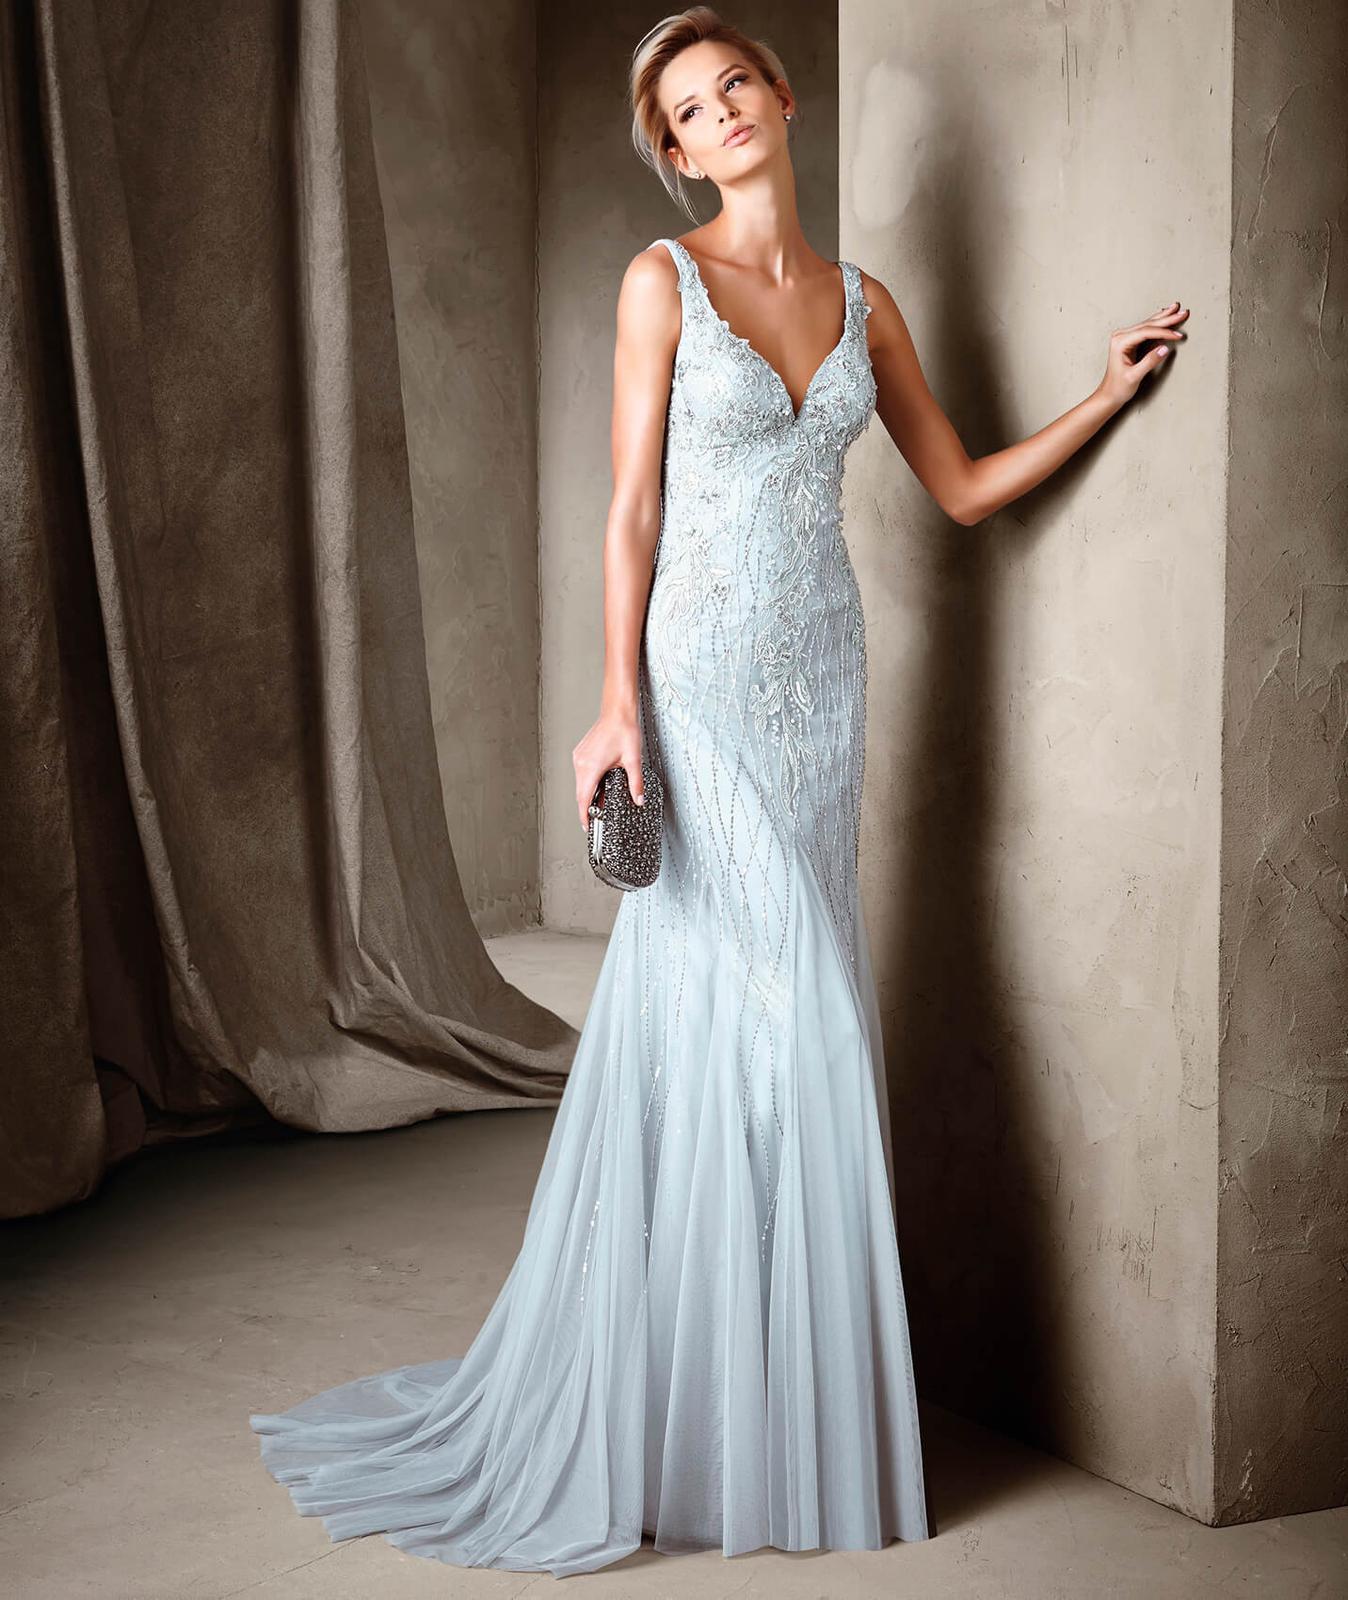 Svatební šaty Pronovias Conary vel 36 - Obrázek č. 1